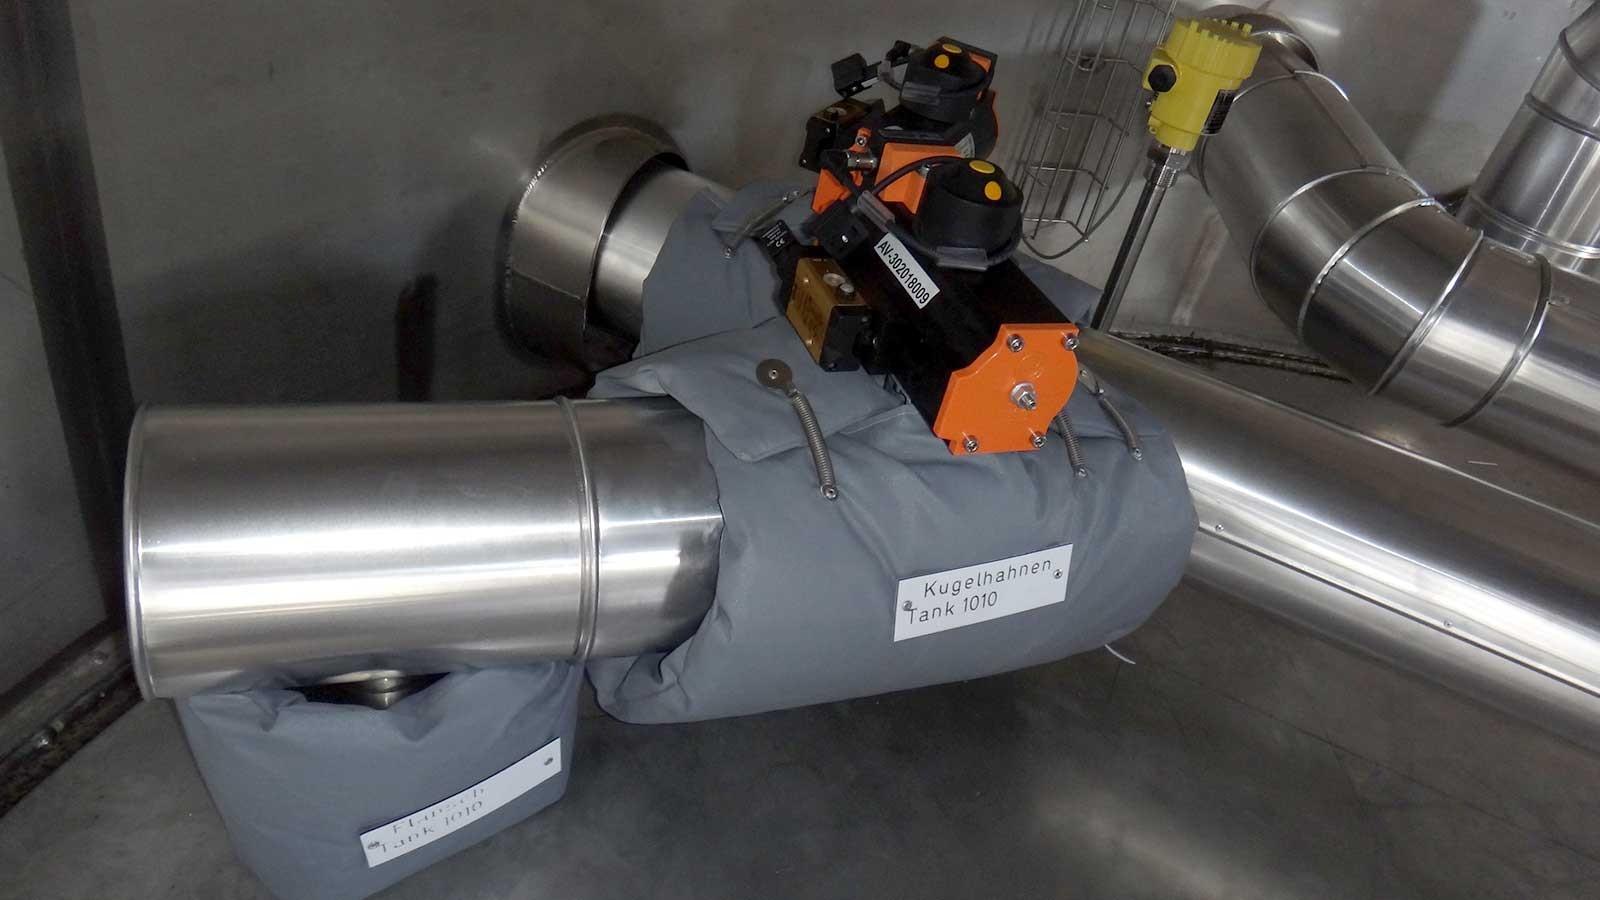 Produkteleitung und Armatur mit luftgesteuerter Schliessklappe und Armaturenkissendämmung